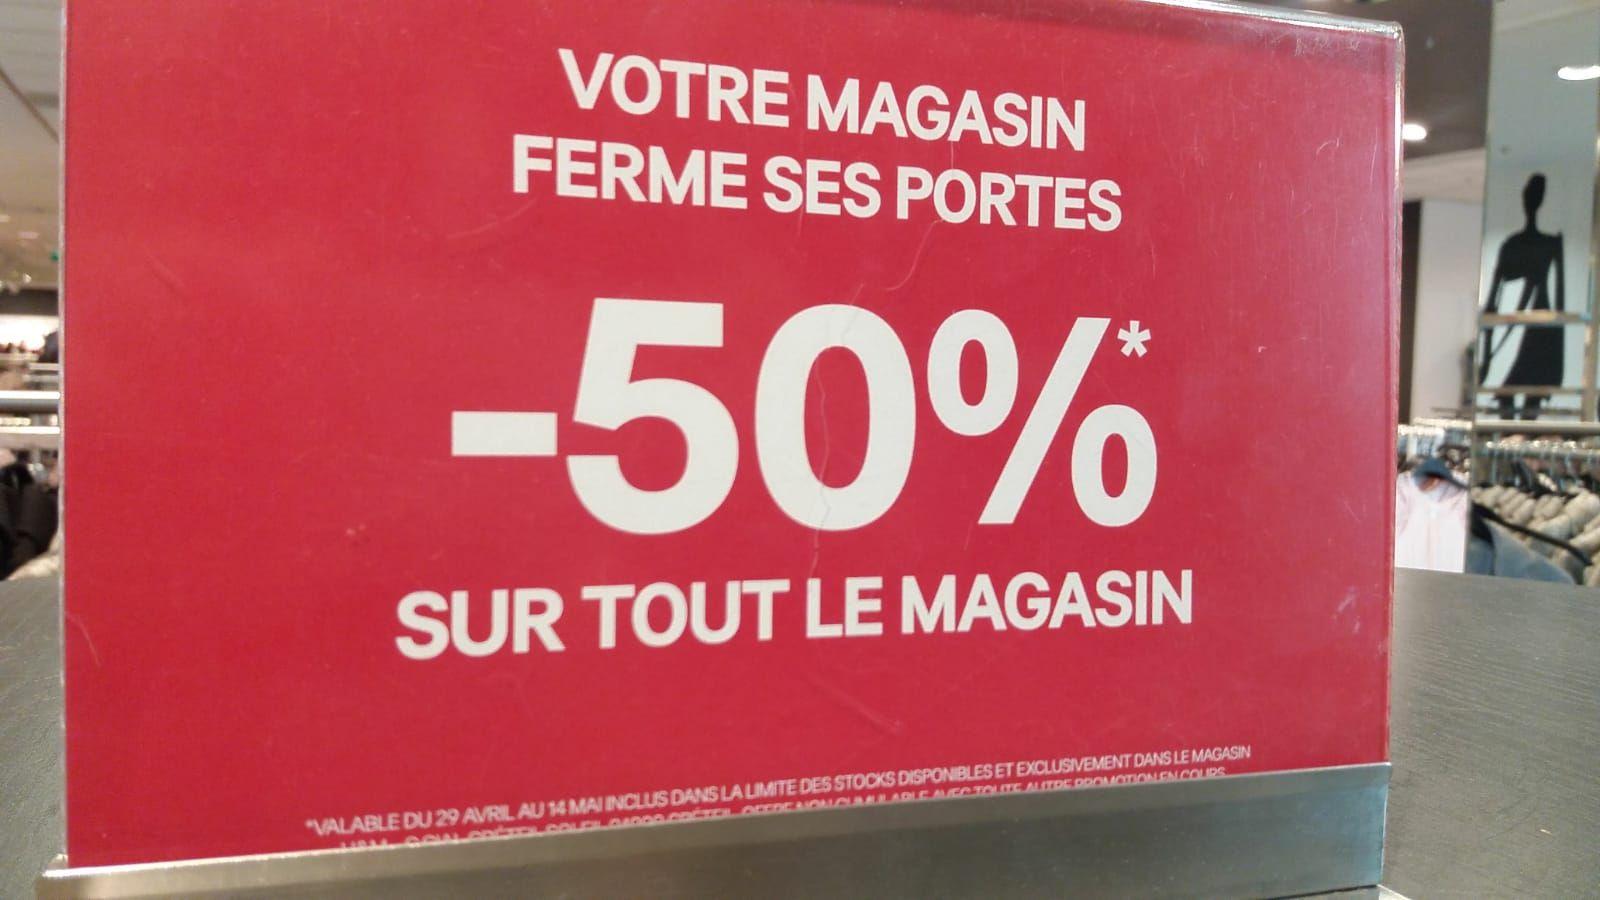 50% de réduction immédiate sur l'ensemble du magasin - Créteil Soleil (94)